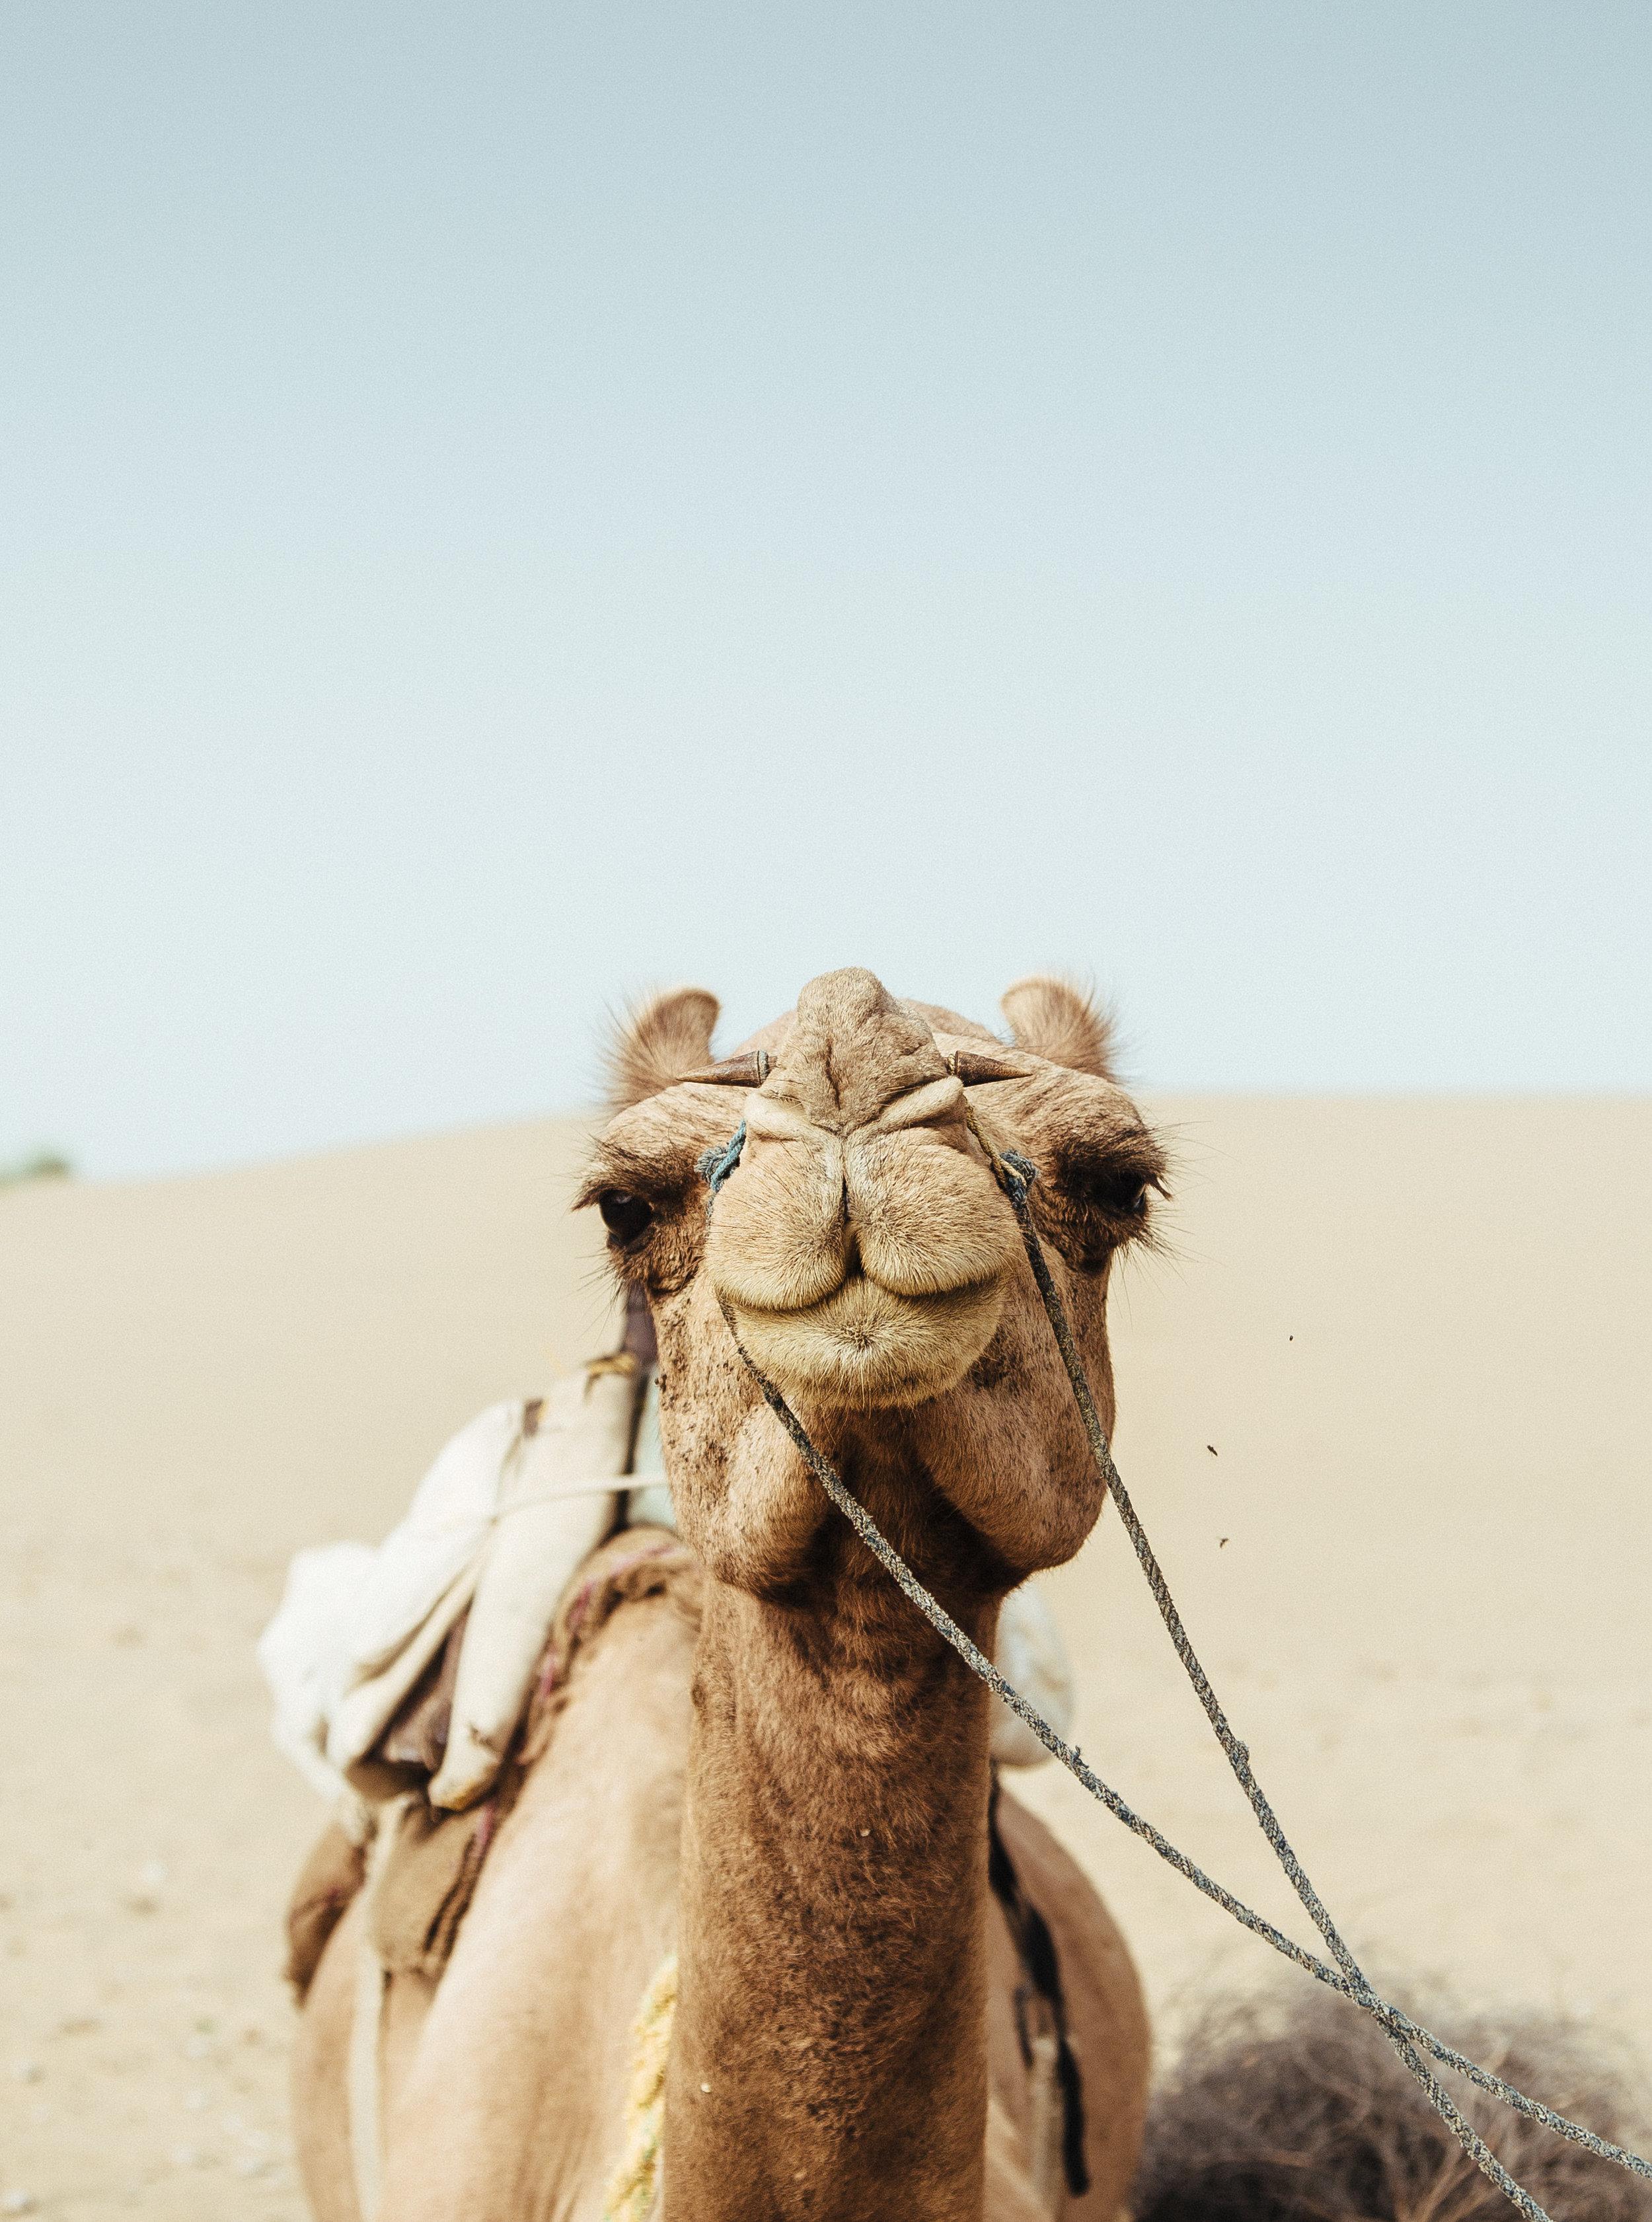 india2_jaislamer_camel-8.jpg